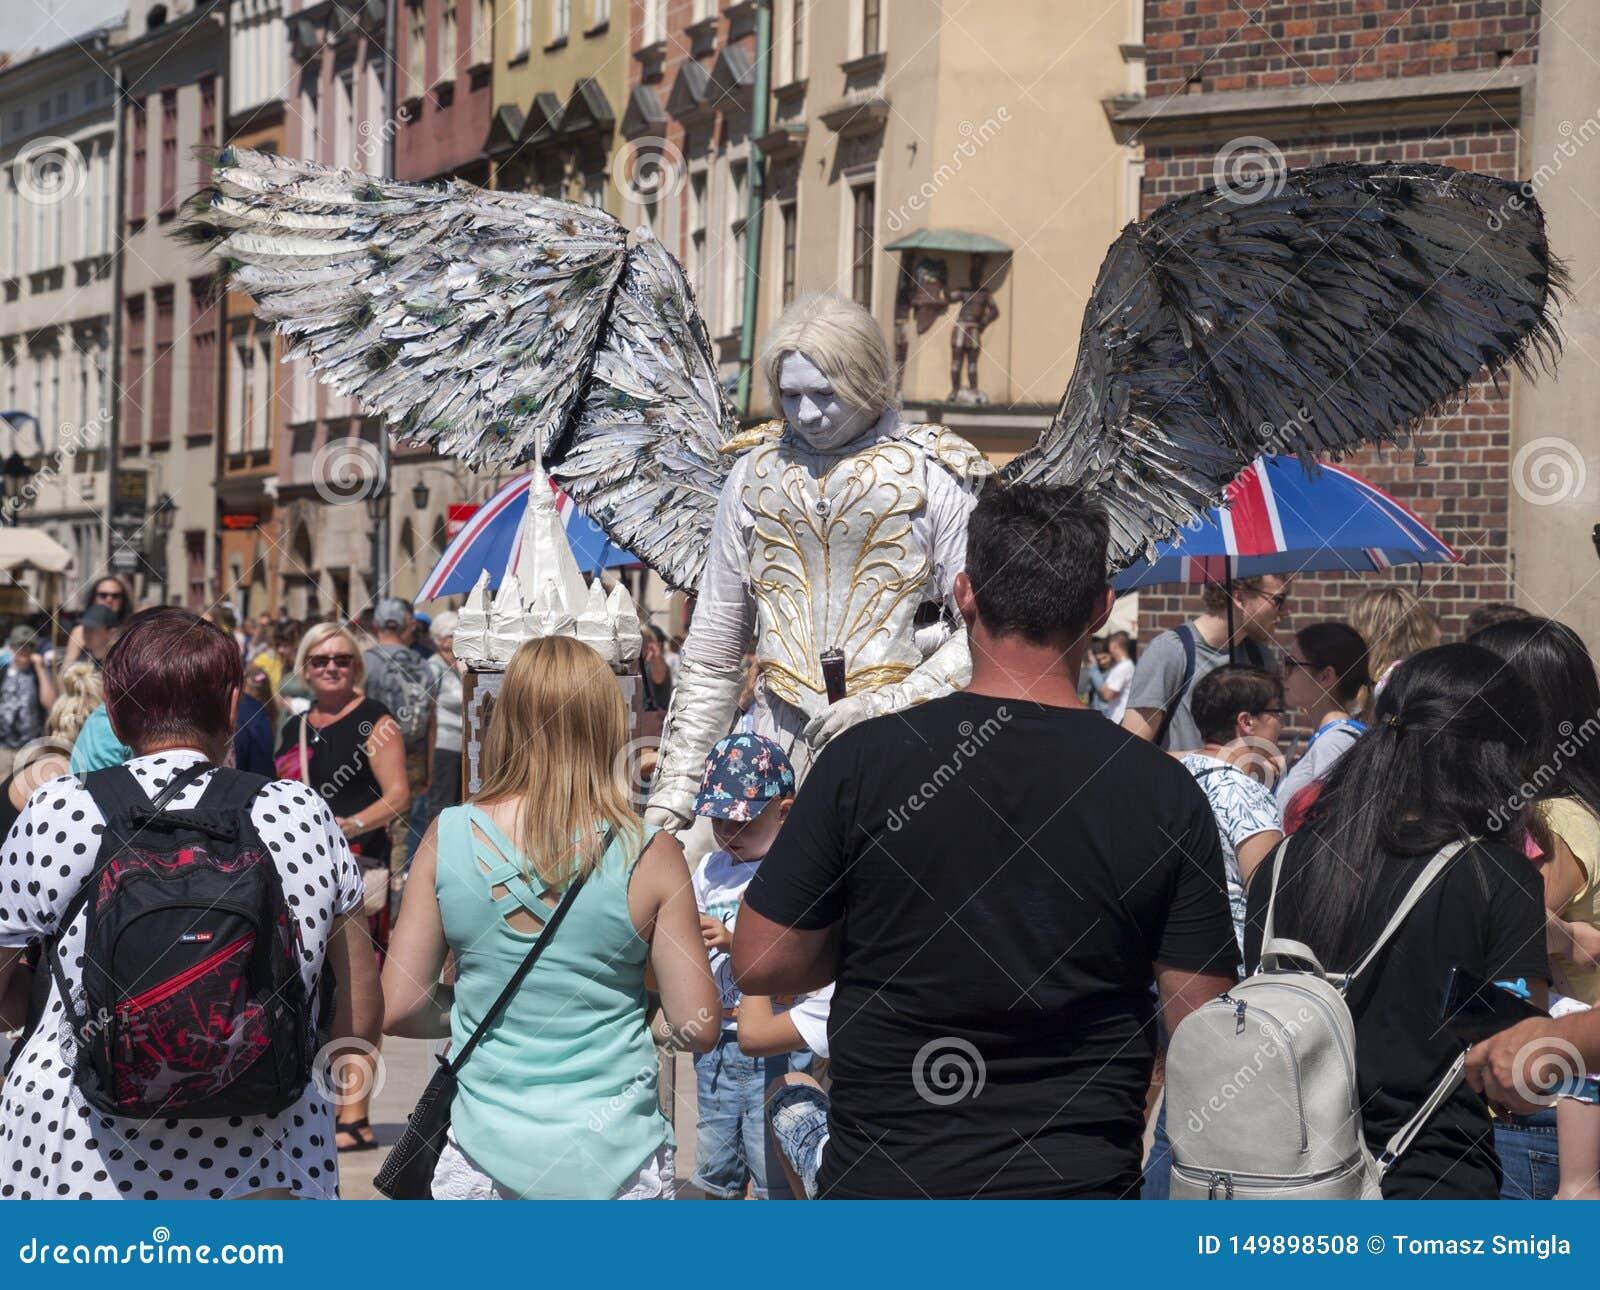 作为与的一个天使打扮的卖艺人/街道执行者巨大的翼,围拢他的人群等待拍照片